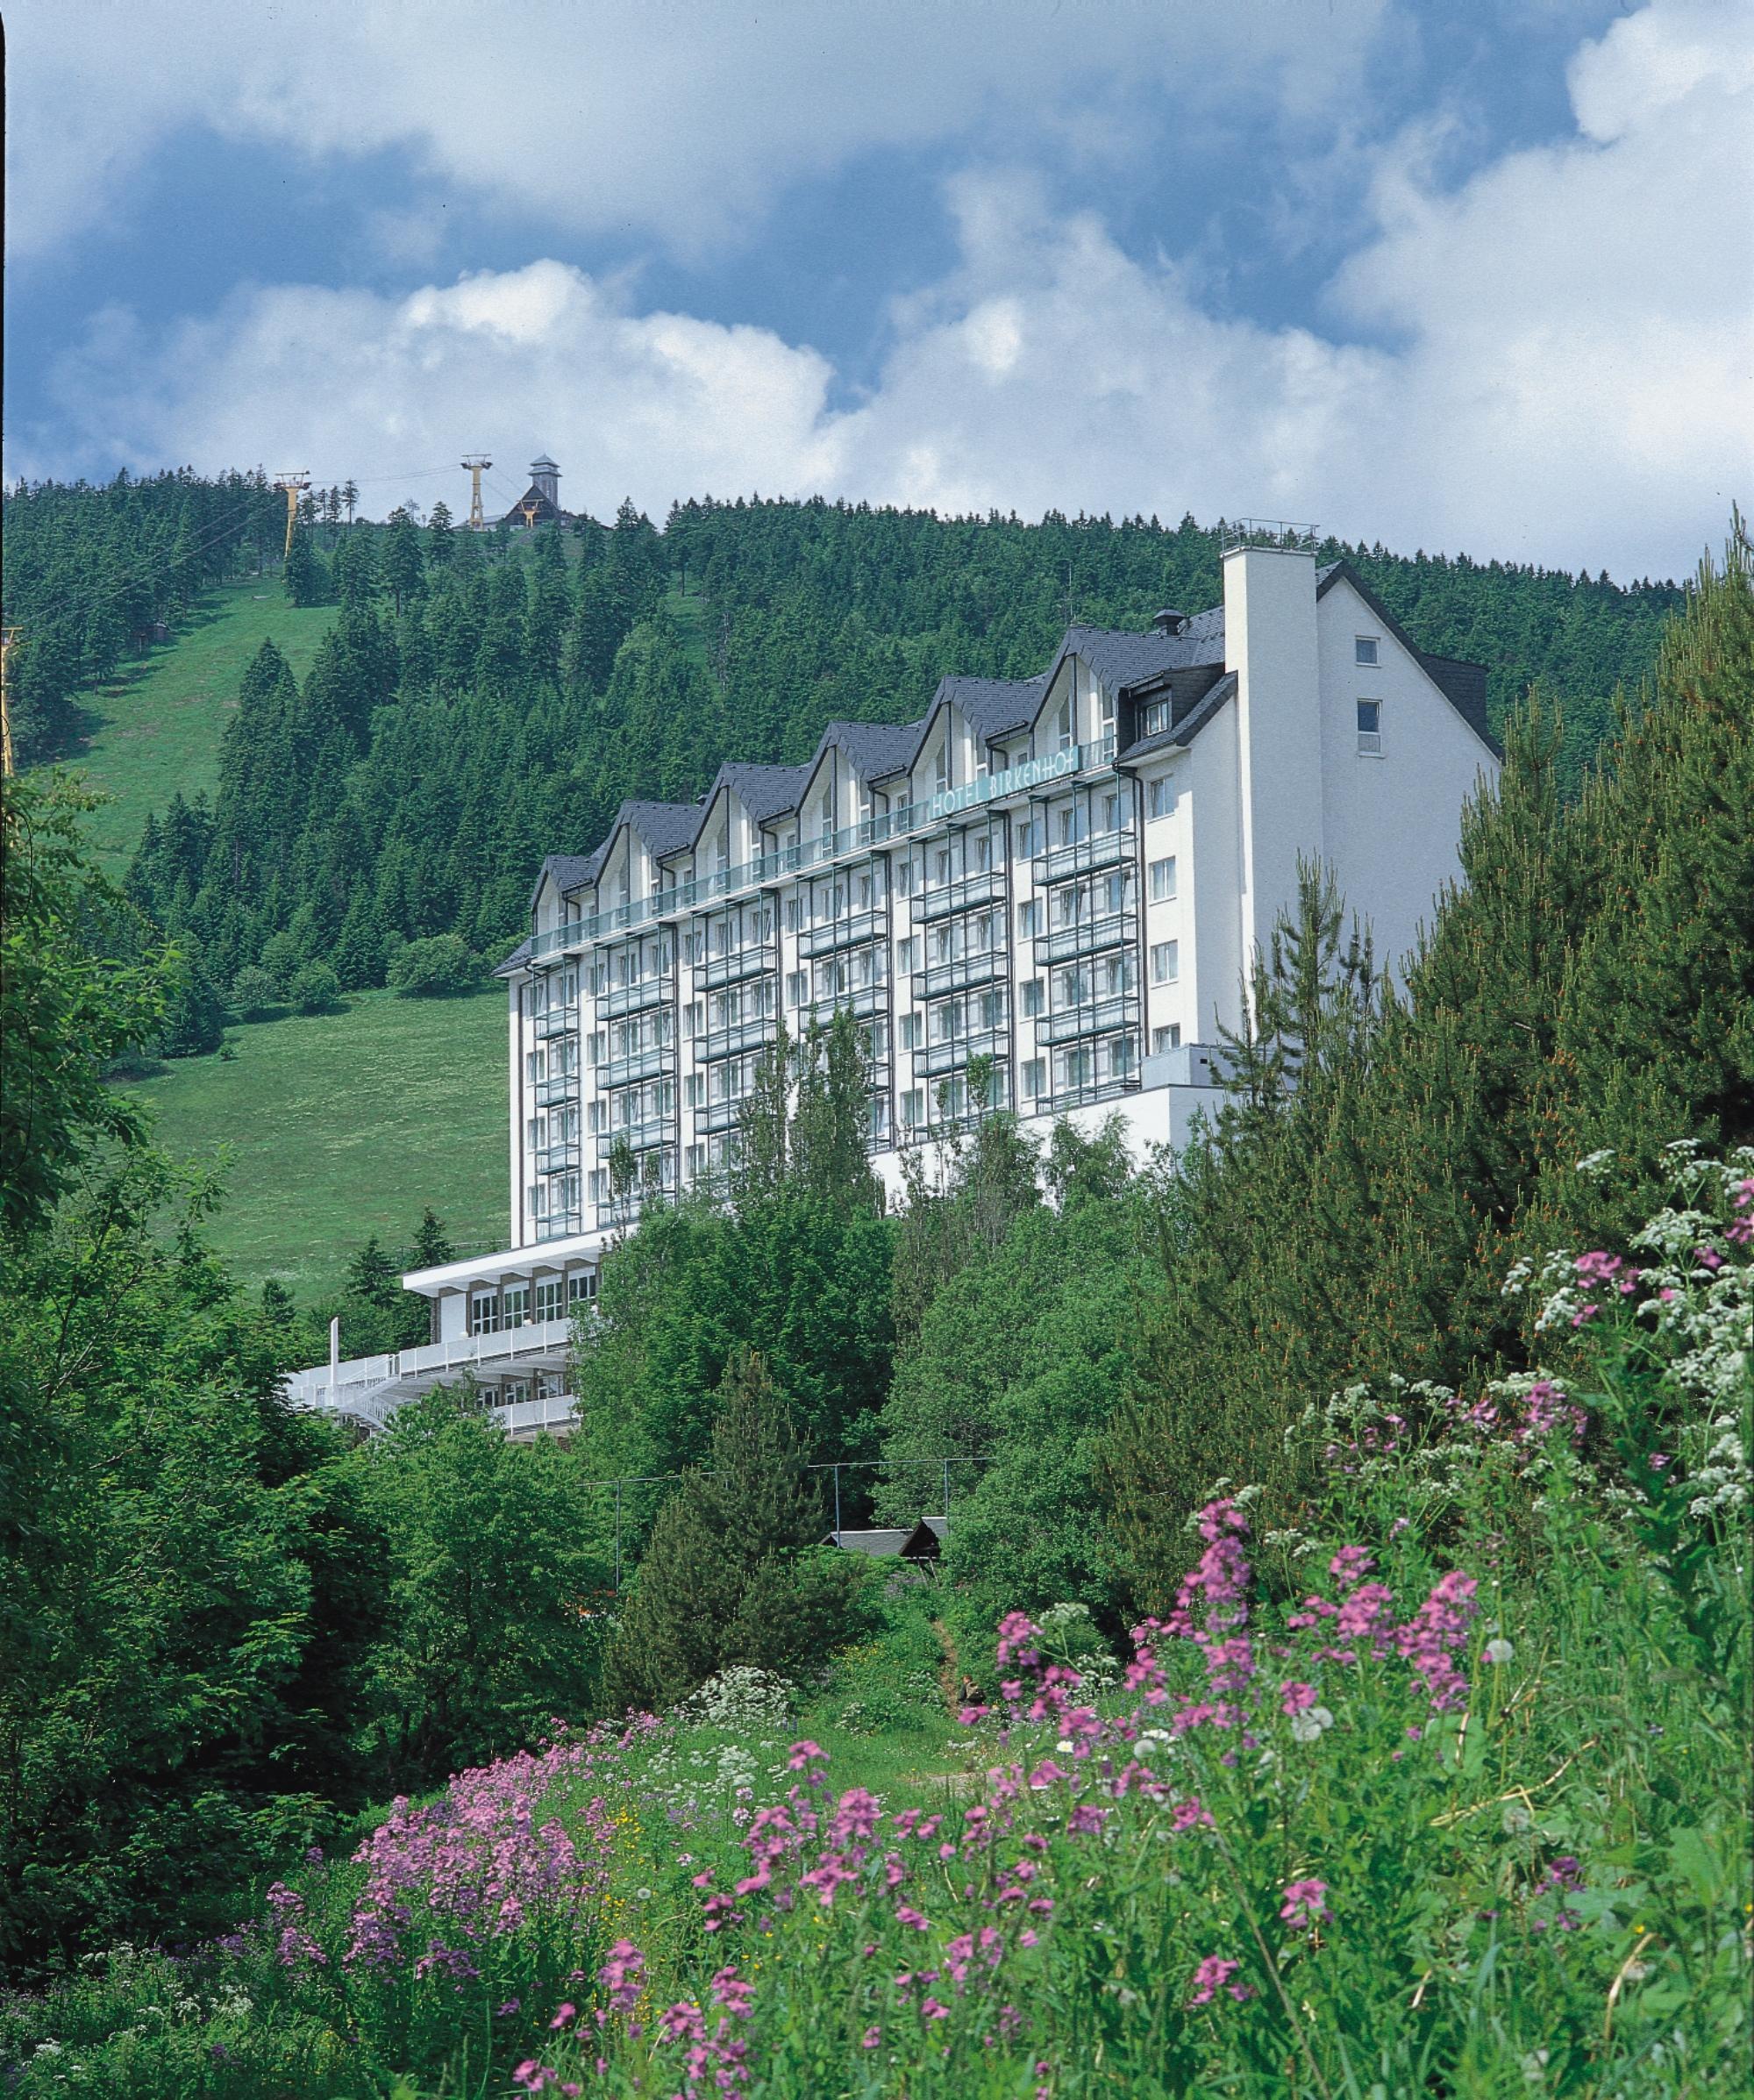 Abb. zu Artikel Tagen auf über 900 Metern - Best Western Hotel Birkenhof in Oberwiesenthal****